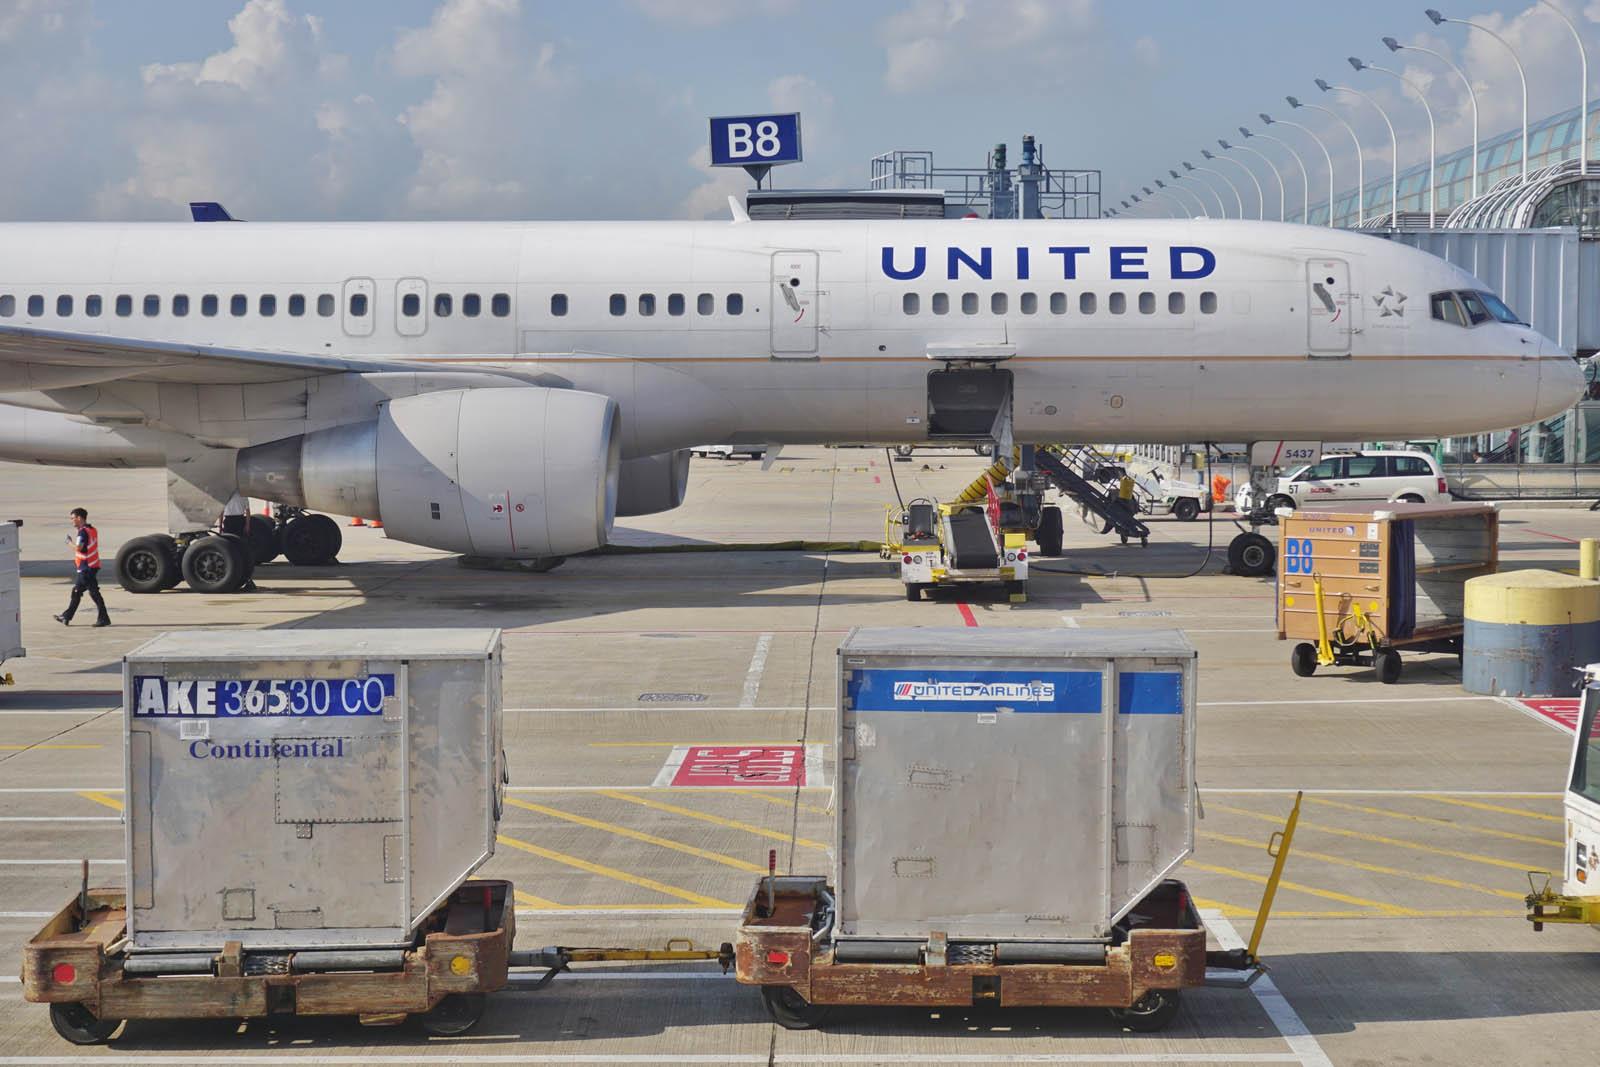 United Airlines Bisiklet Ücretleri artık yok – bisikletlerin daha ucuza uçtuğu başka bir havayolu